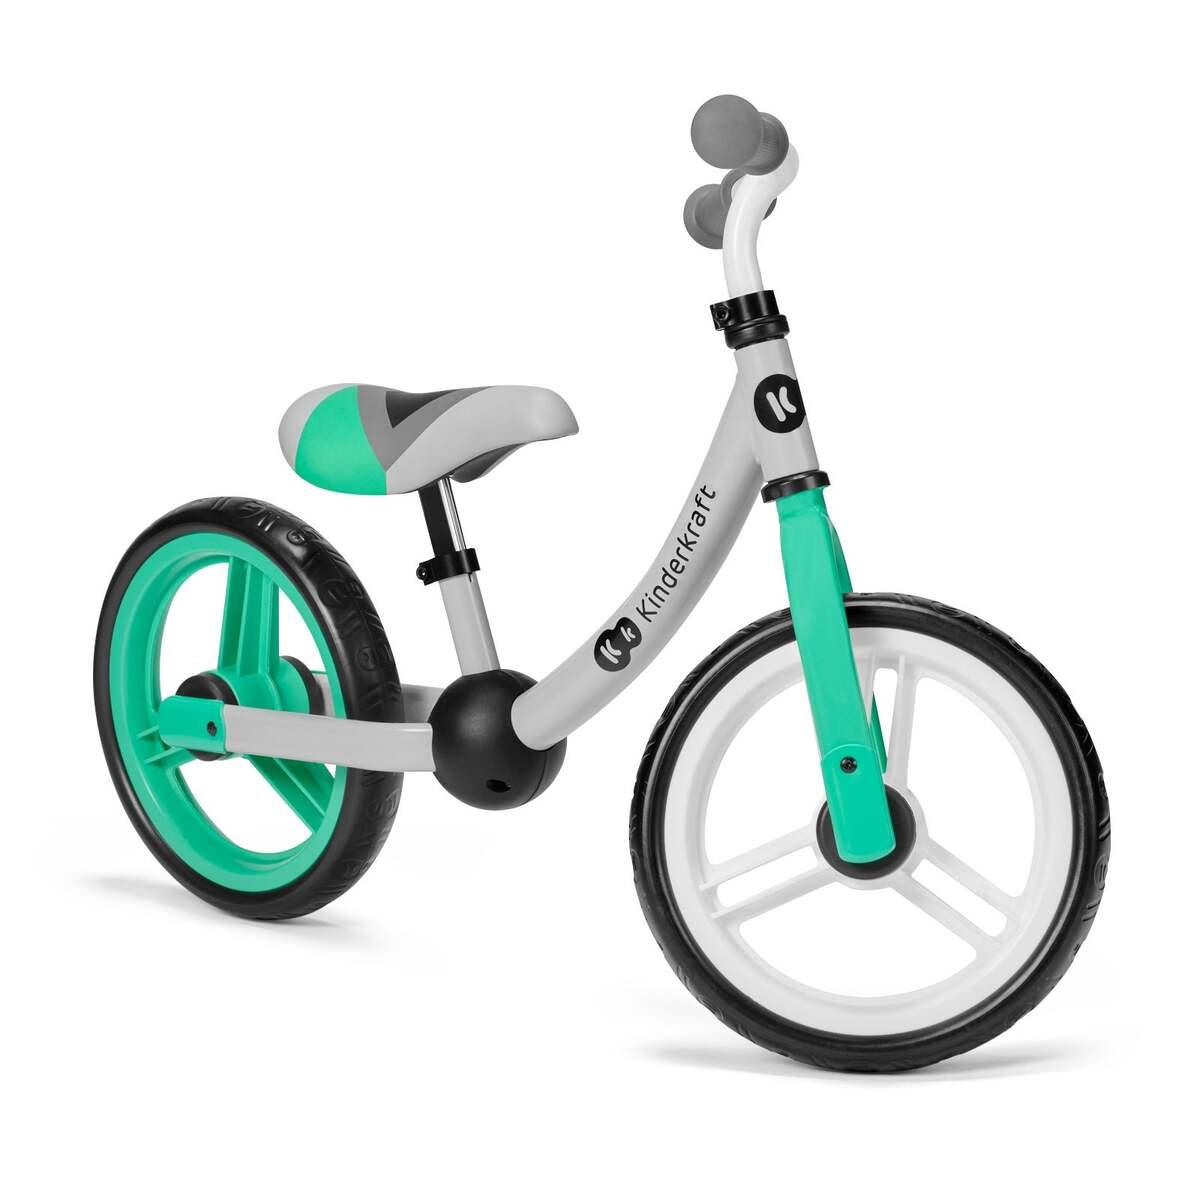 Bild 5 von Kinderkraft 2WAY NEXT-Laufrad green/grey